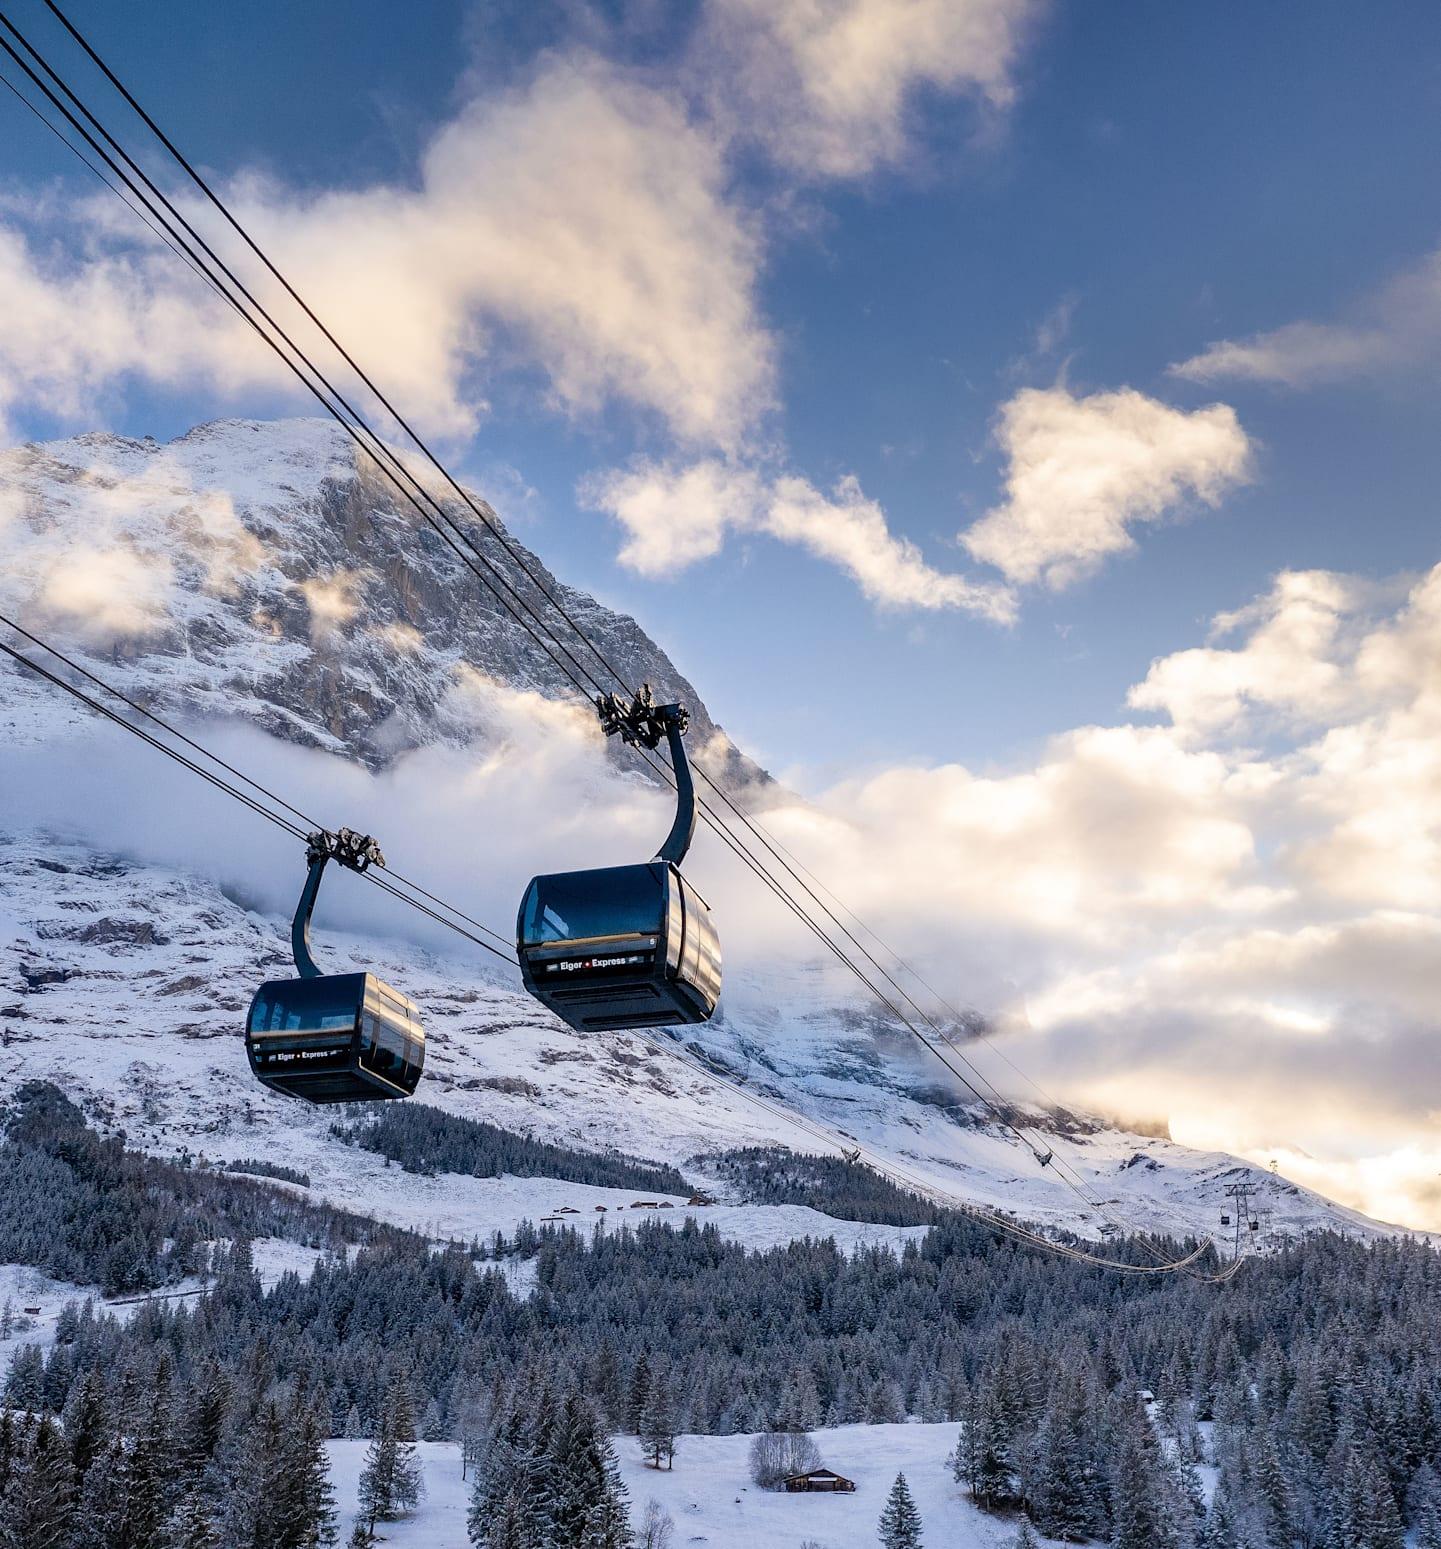 Téléphérique, télécabine, hiver, télécabine, Suisse, Oberland bernois, Jungfrau, chemins de fer de la jungfrau, Eiger, Grindelwald, téléphérique en v, télécabine tricâble, Suisse, novembre, téléphérique, terminal, transport